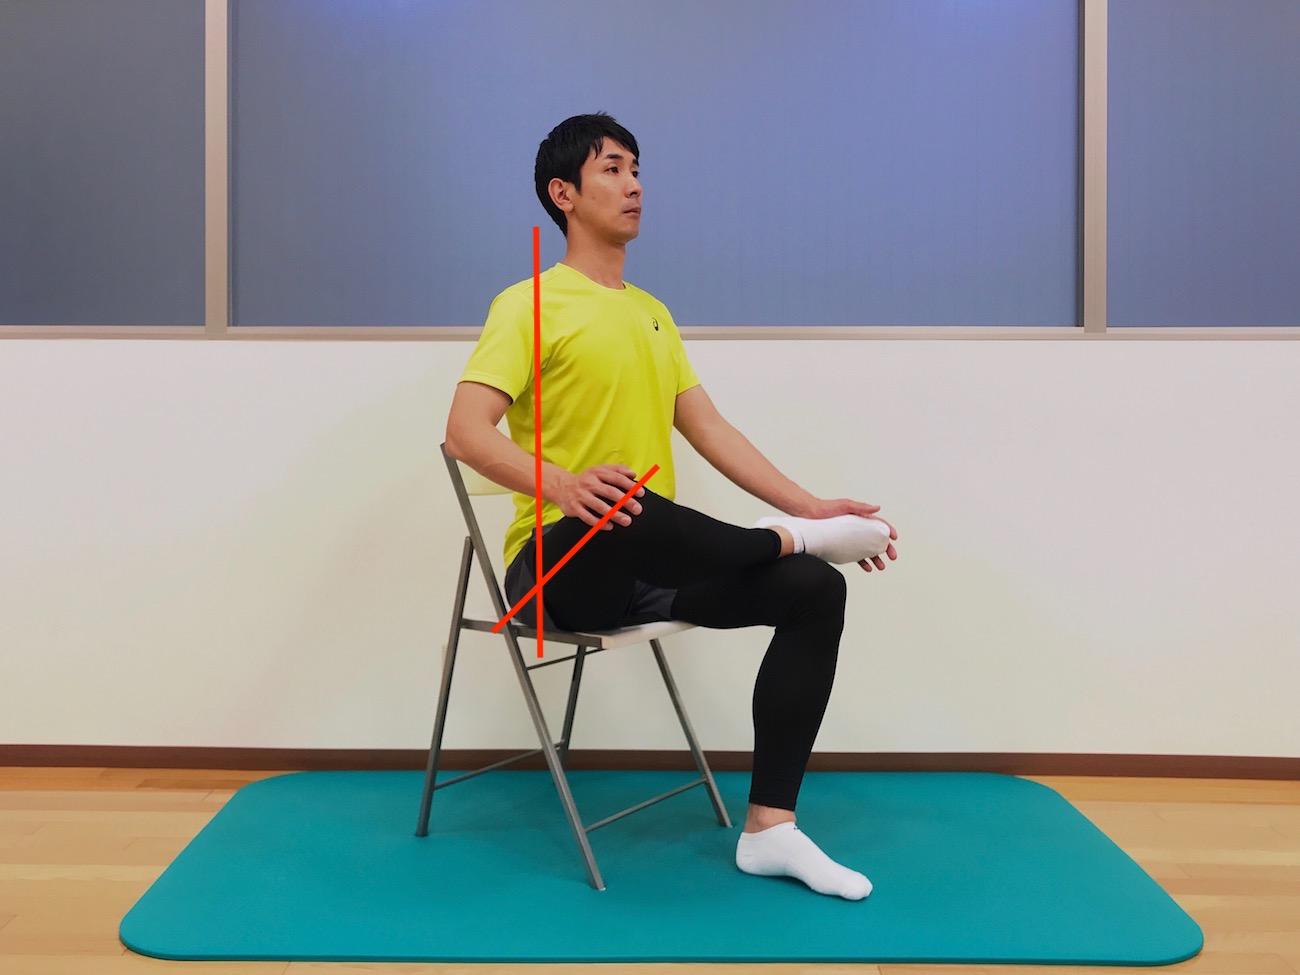 椅子に座って行うお尻(大殿筋)の筋肉のストレッチの方法